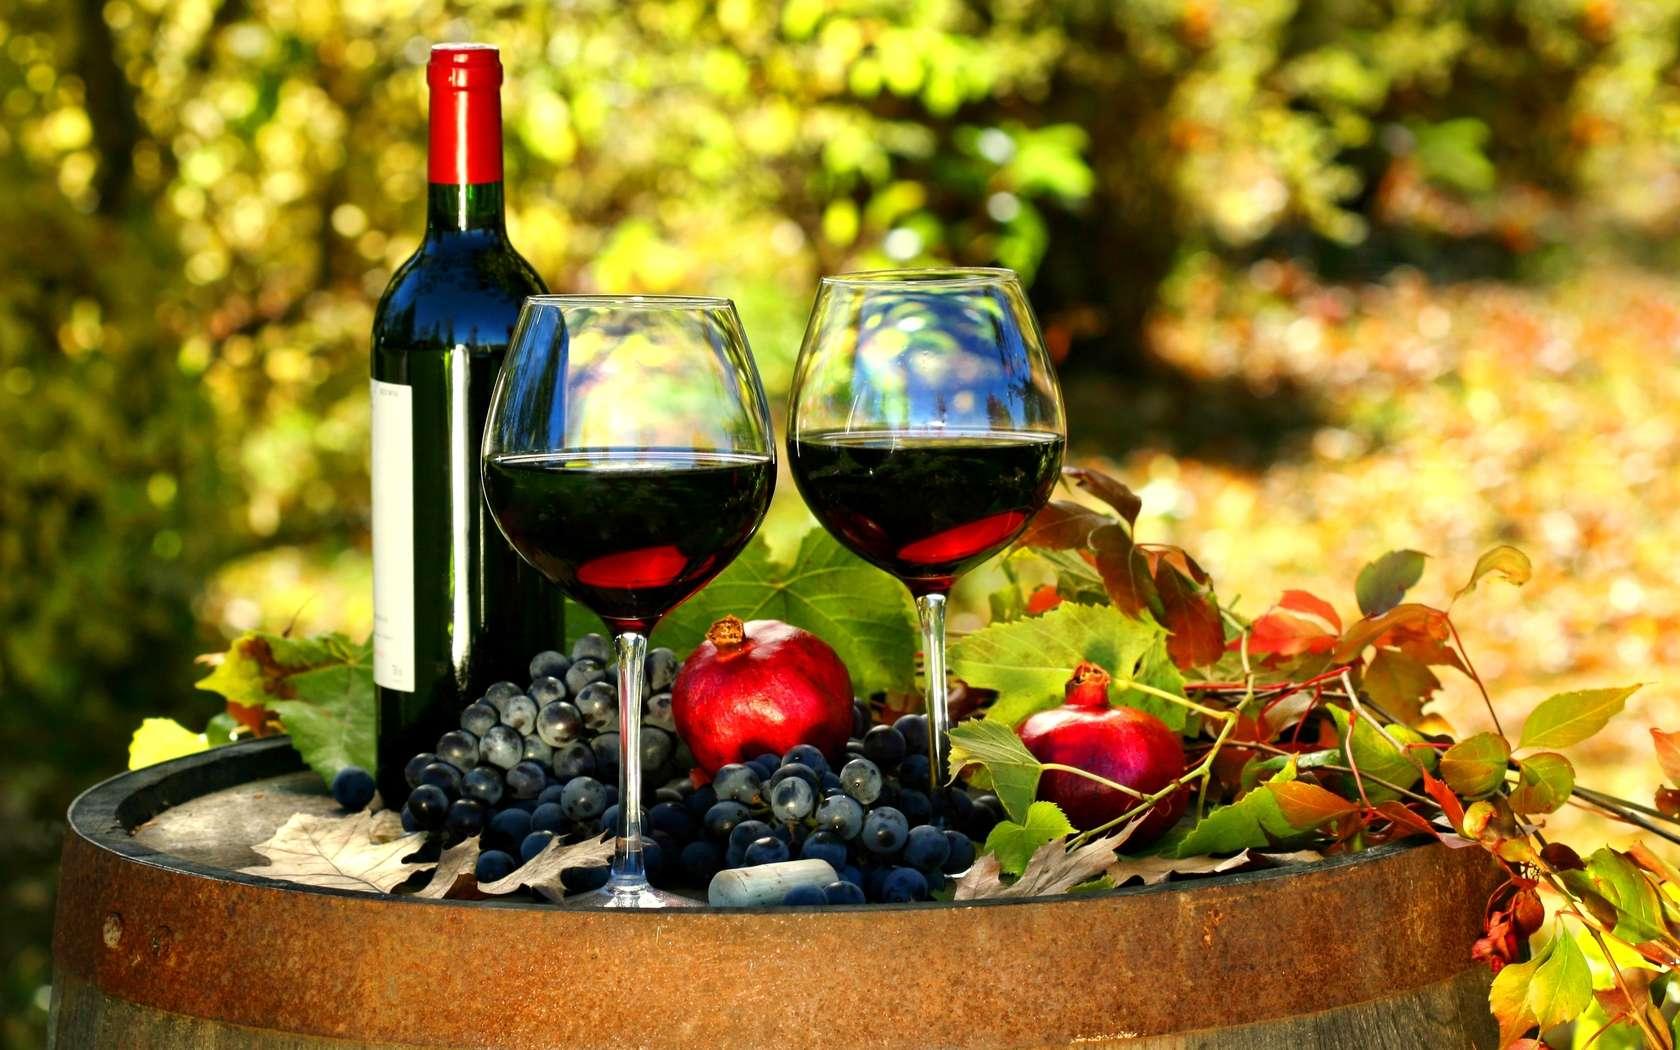 Bạn cũng có thể mua rượu vang Úc làm quà